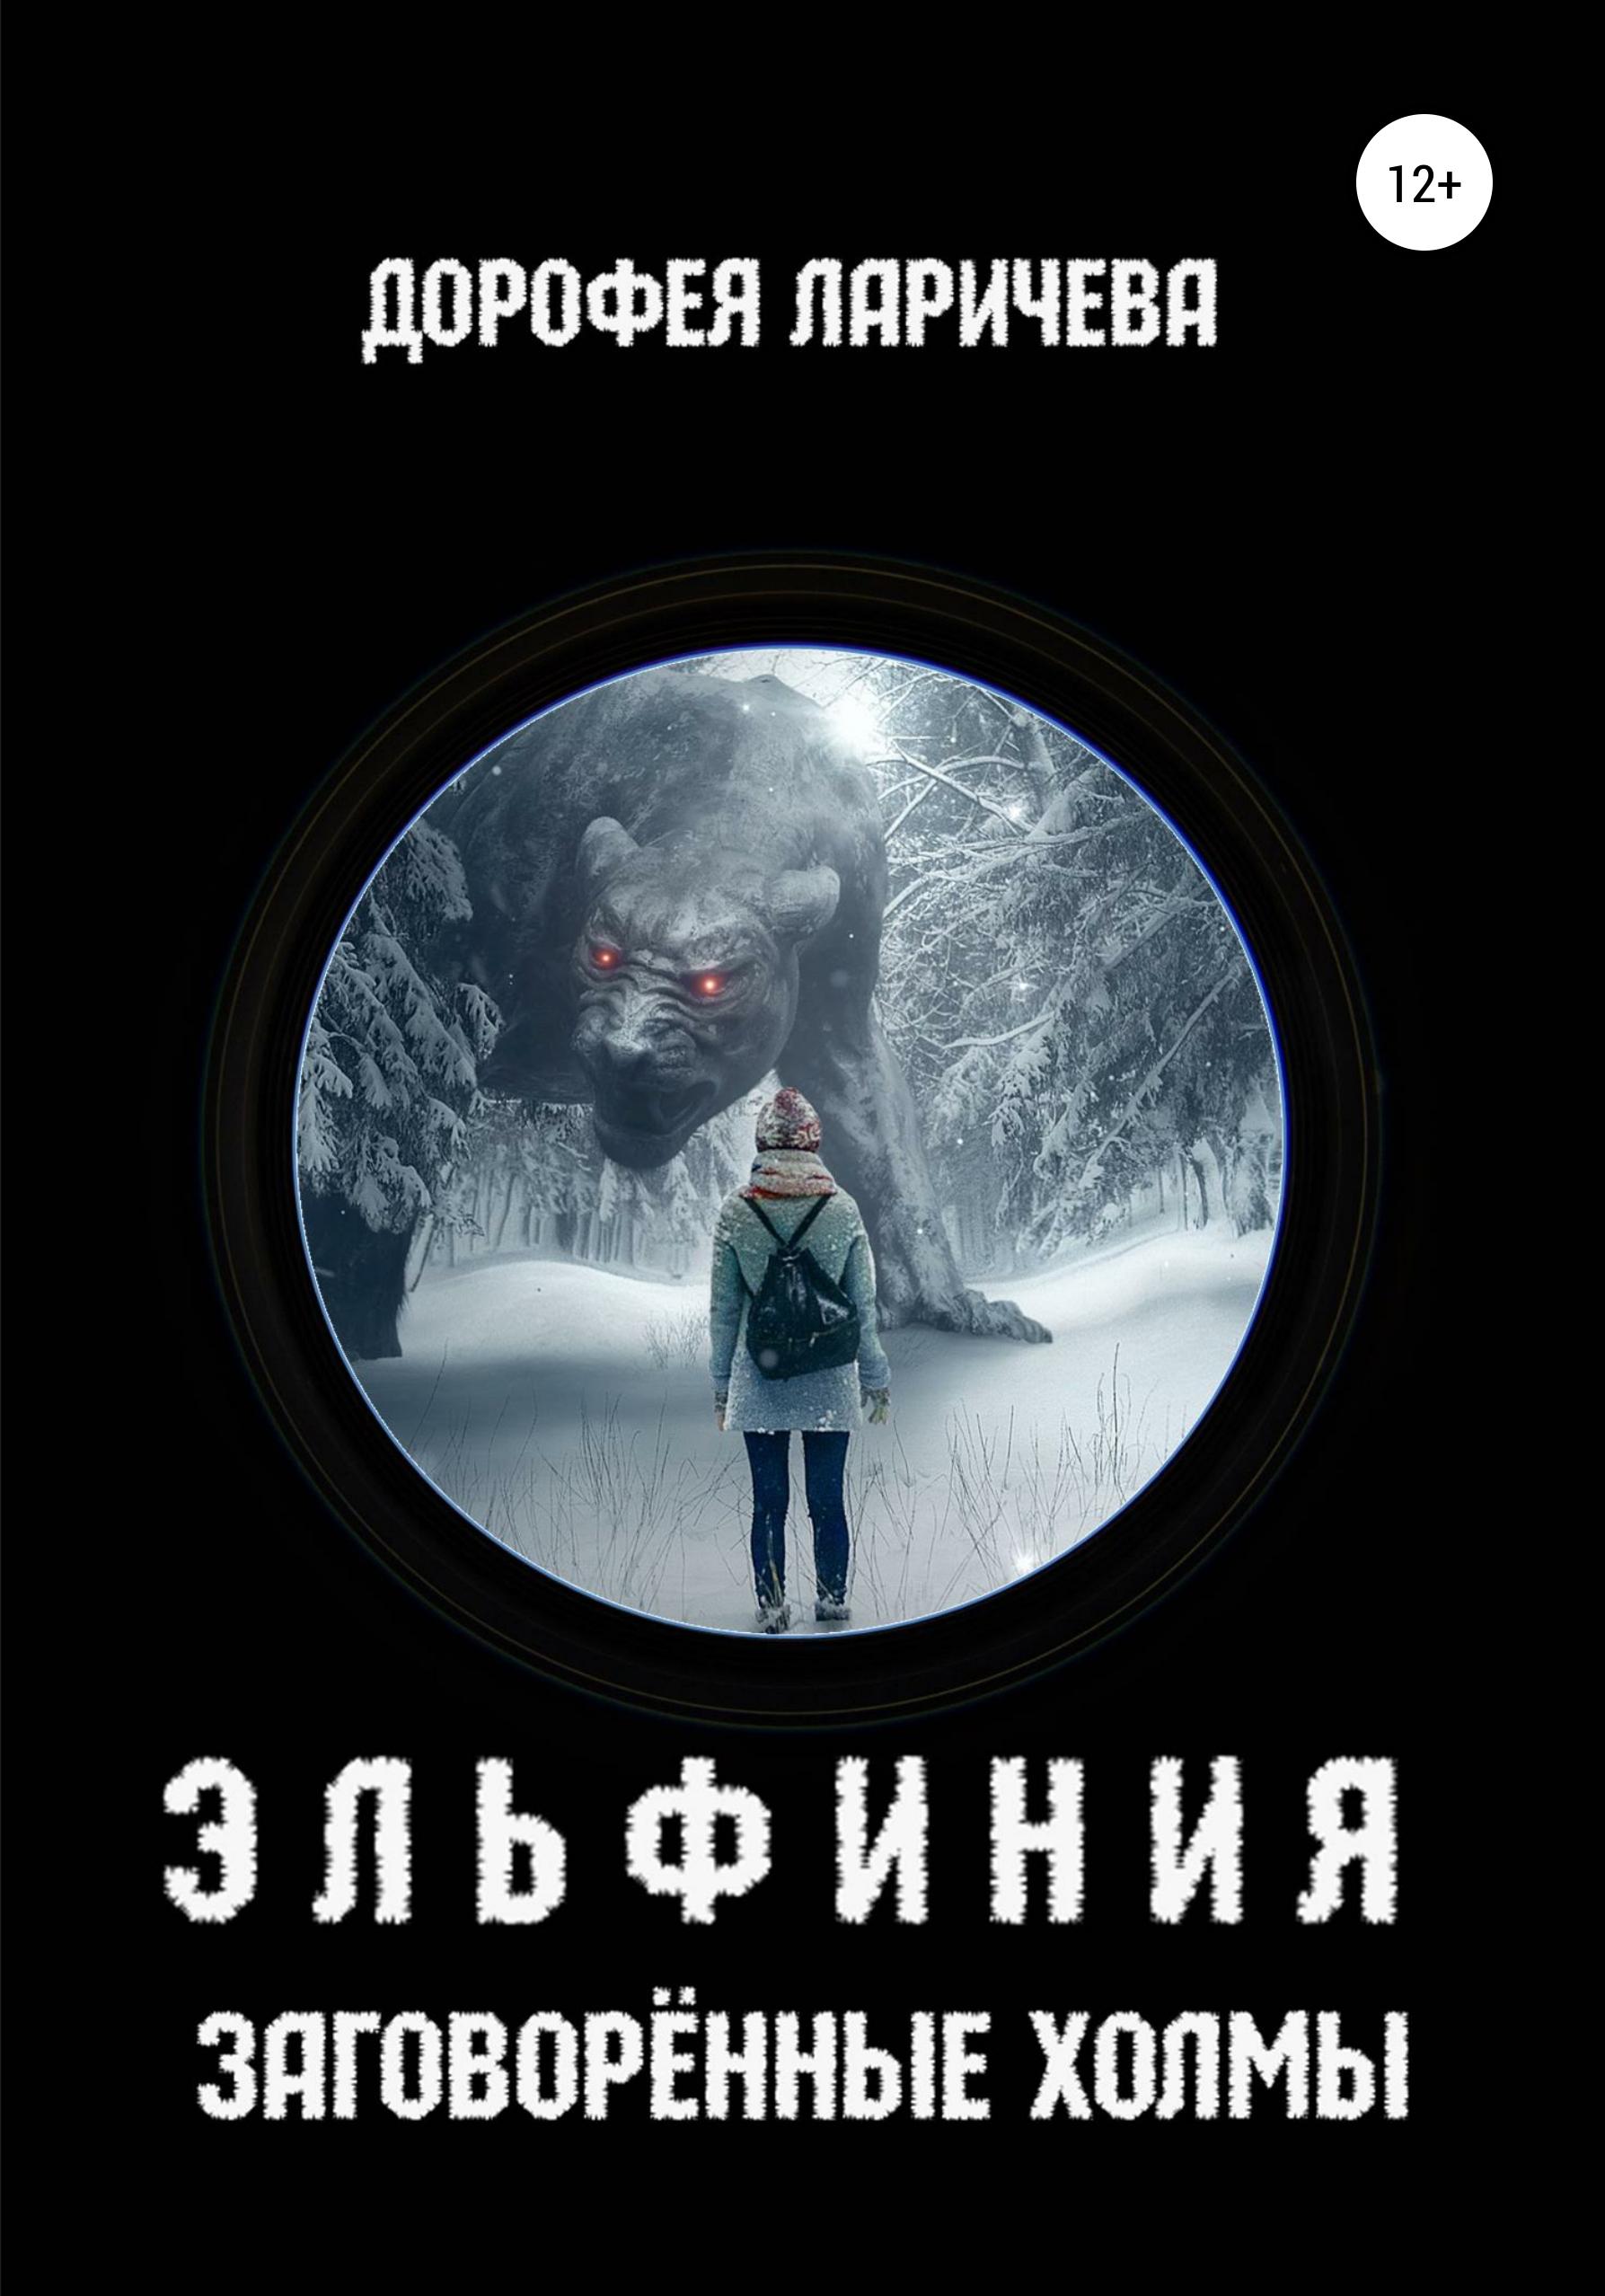 Купить книгу Эльфиния: Заговорённые холмы, автора Дорофеи Ларичевой